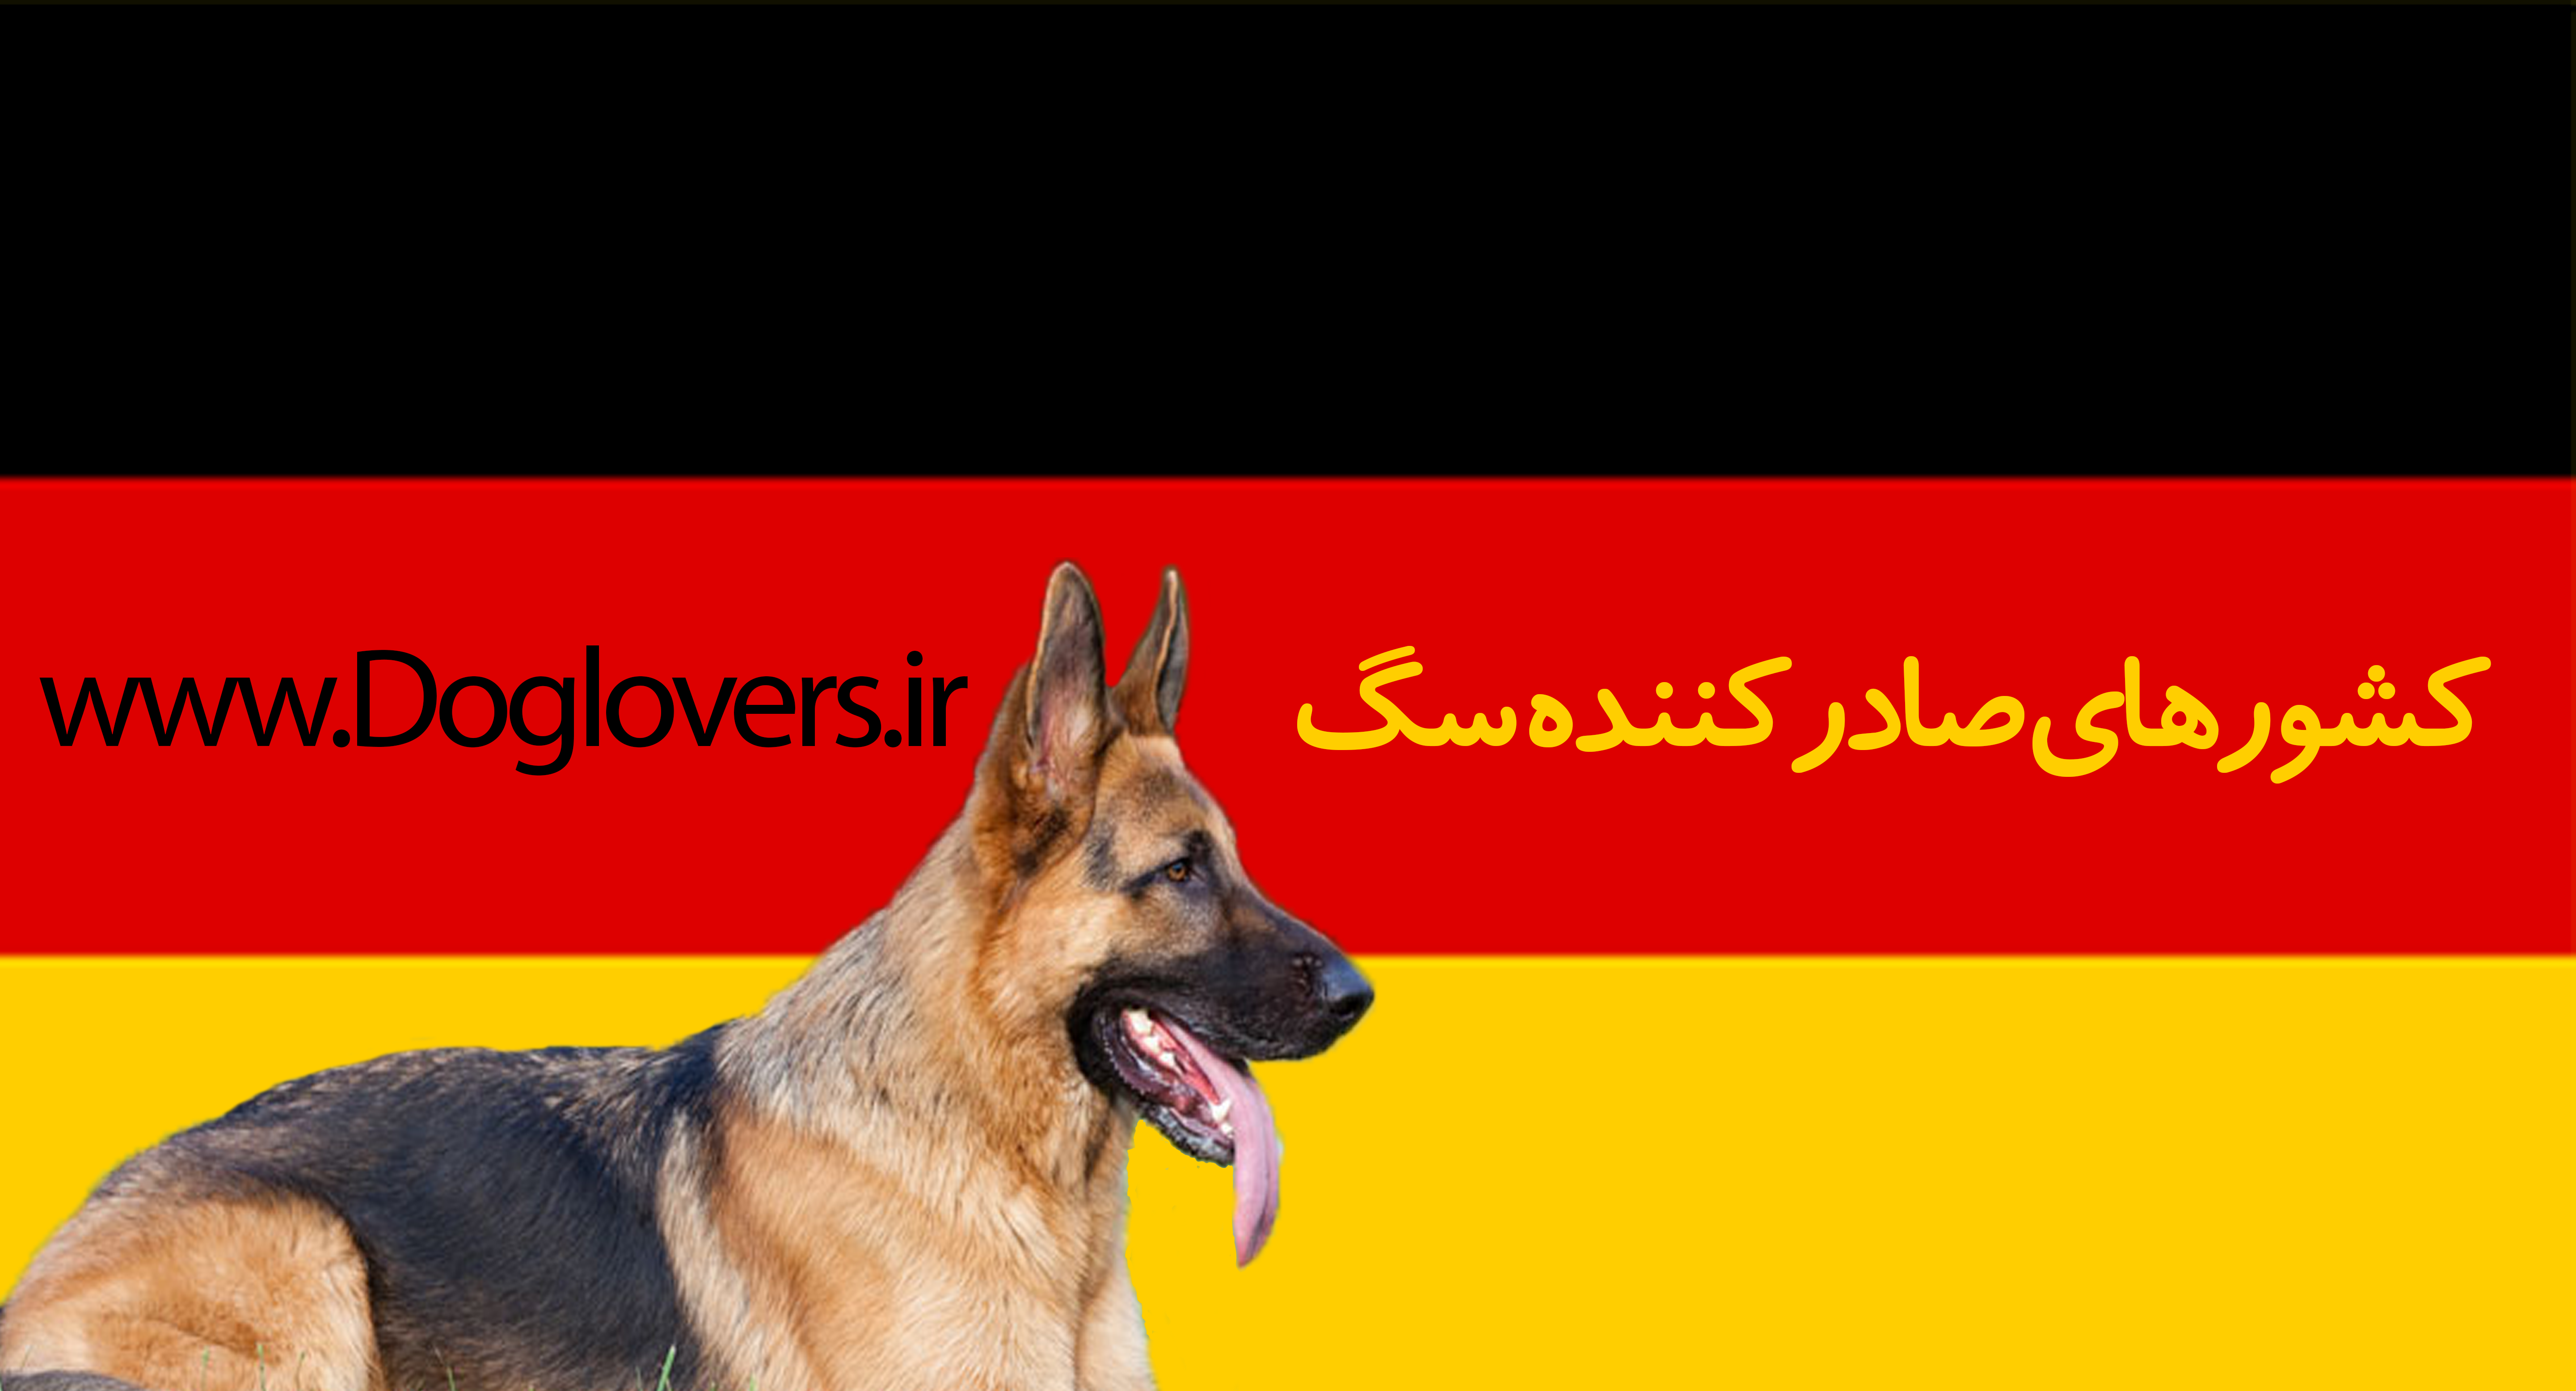 کشوزهای واردات سگ